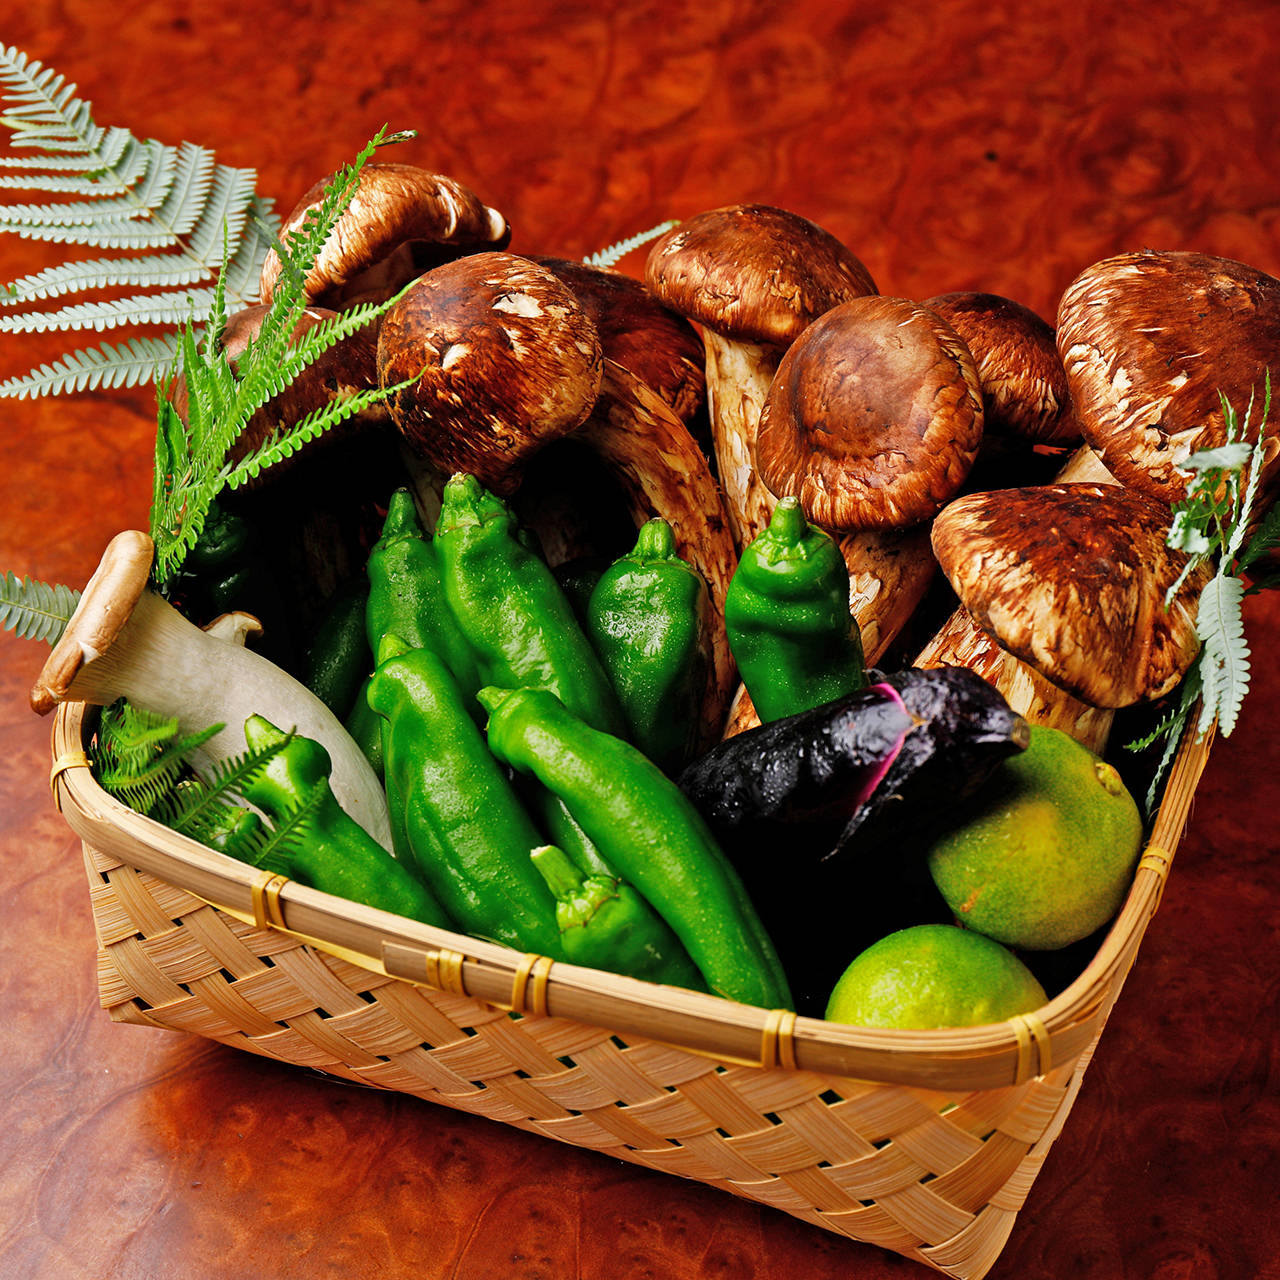 季節の旬野菜を使ったお料理をご提供しています。